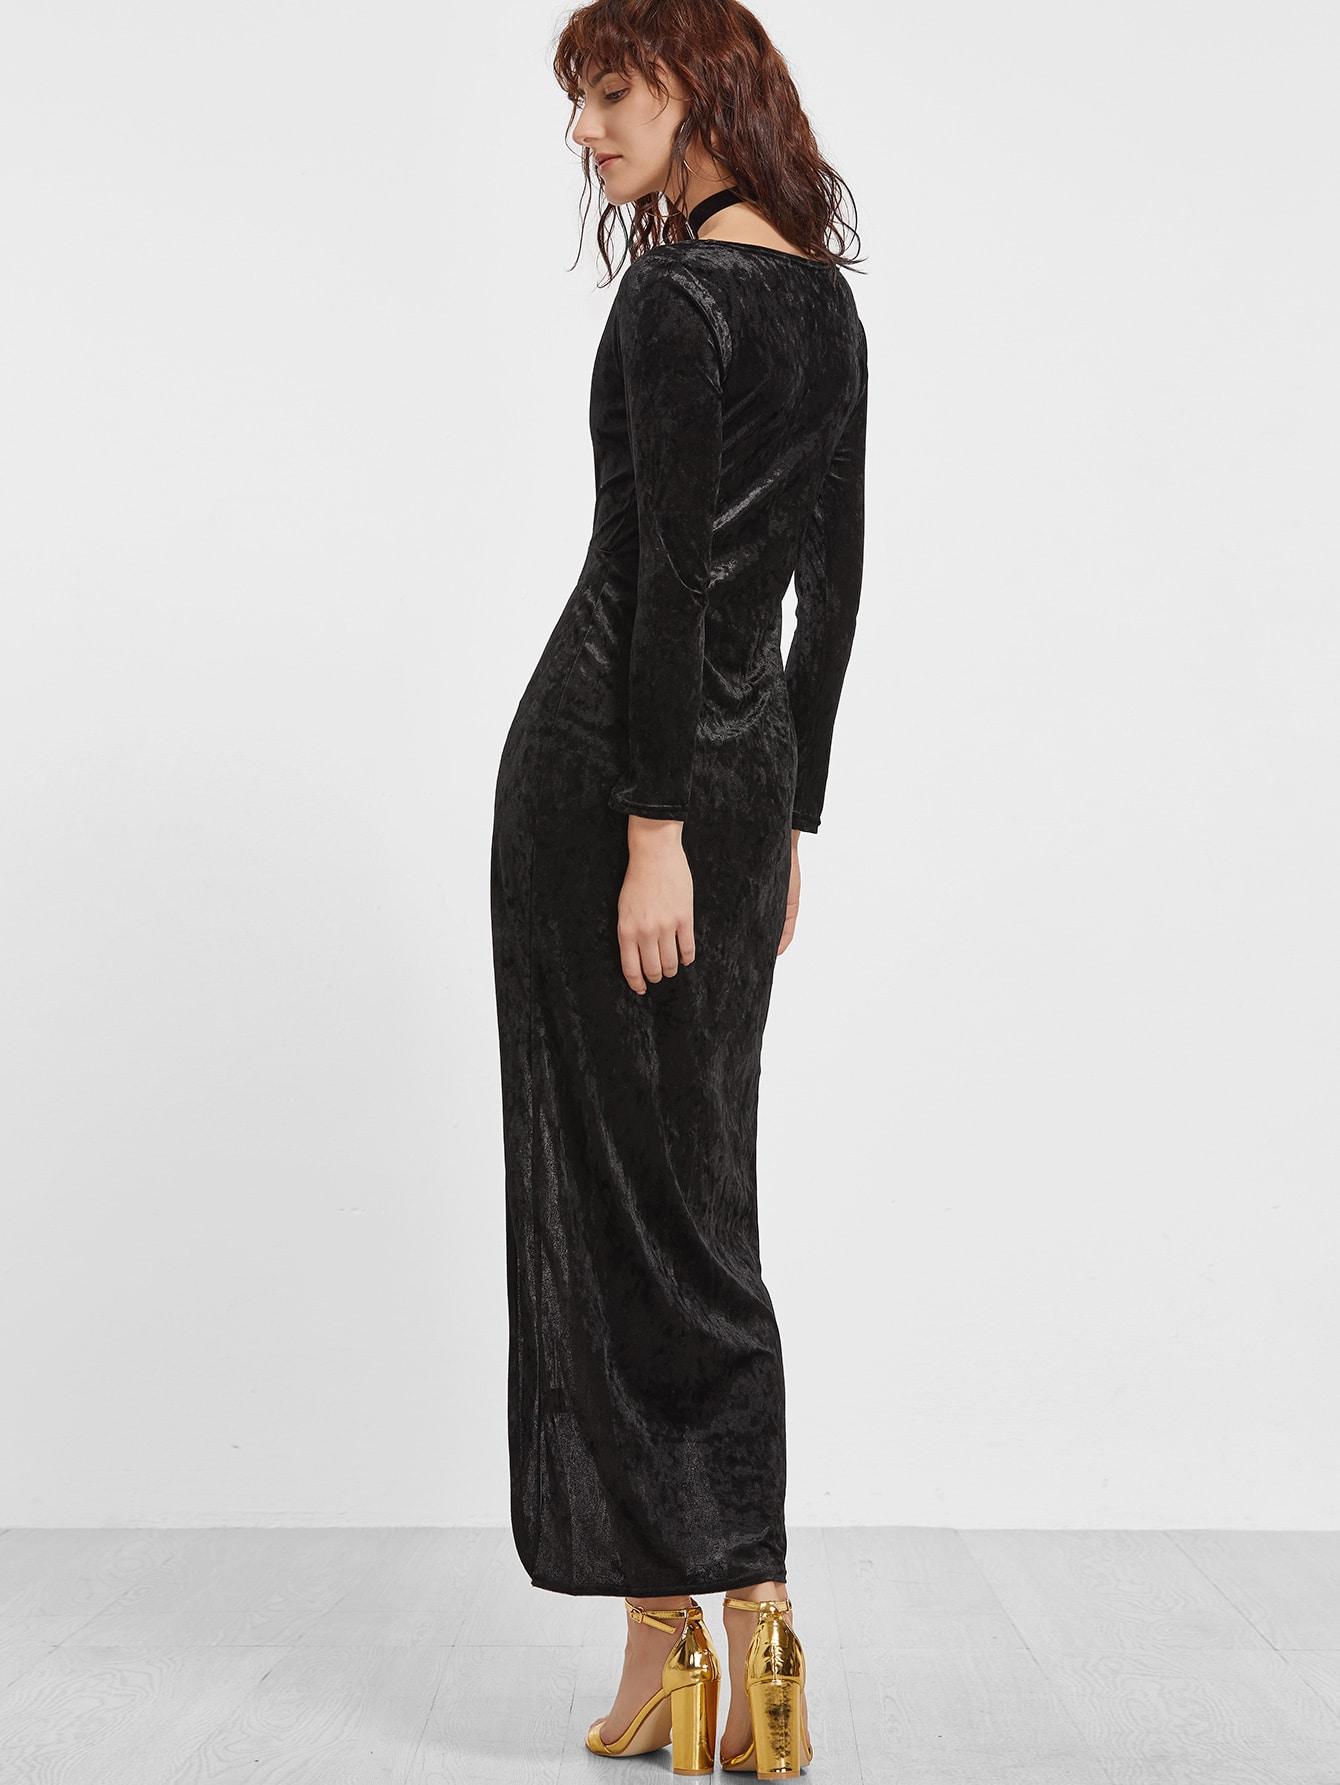 dress161206105_2